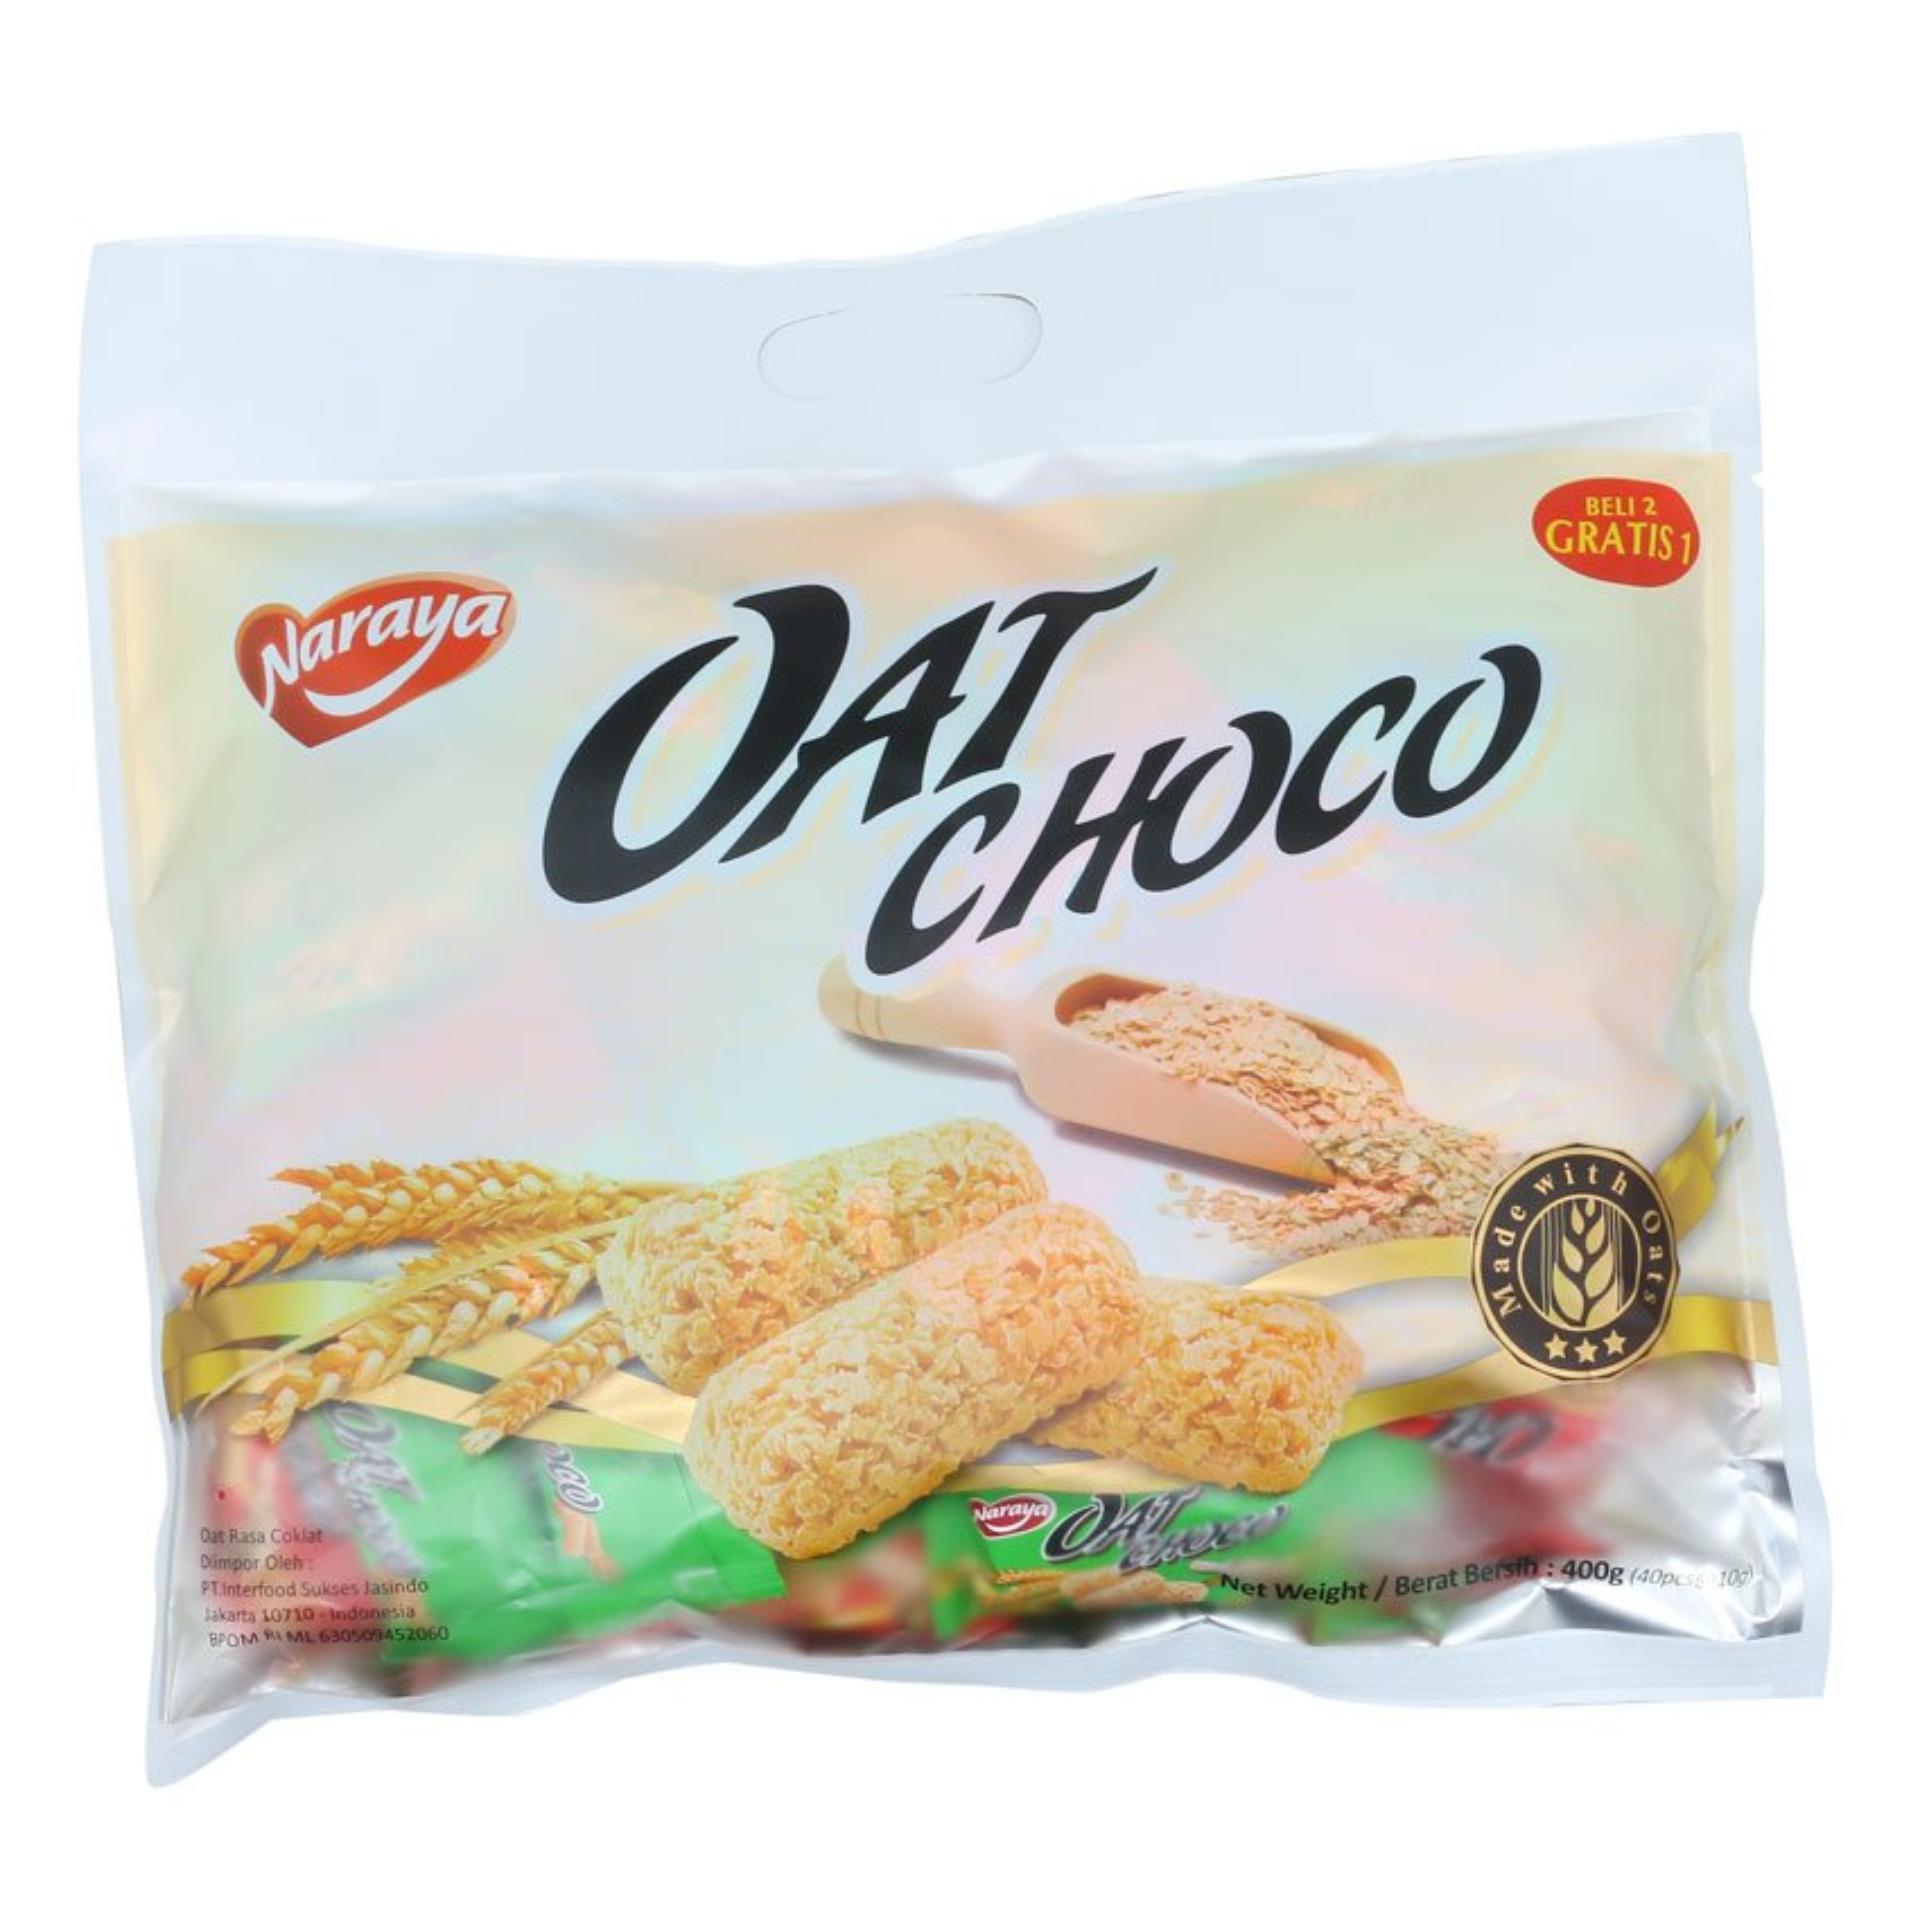 Kehebatan Pediasure Complete Vanila 400 Gram Dan Harga Update Coklat 400gr Chstore Naraya Oat Choco Bisa Cod